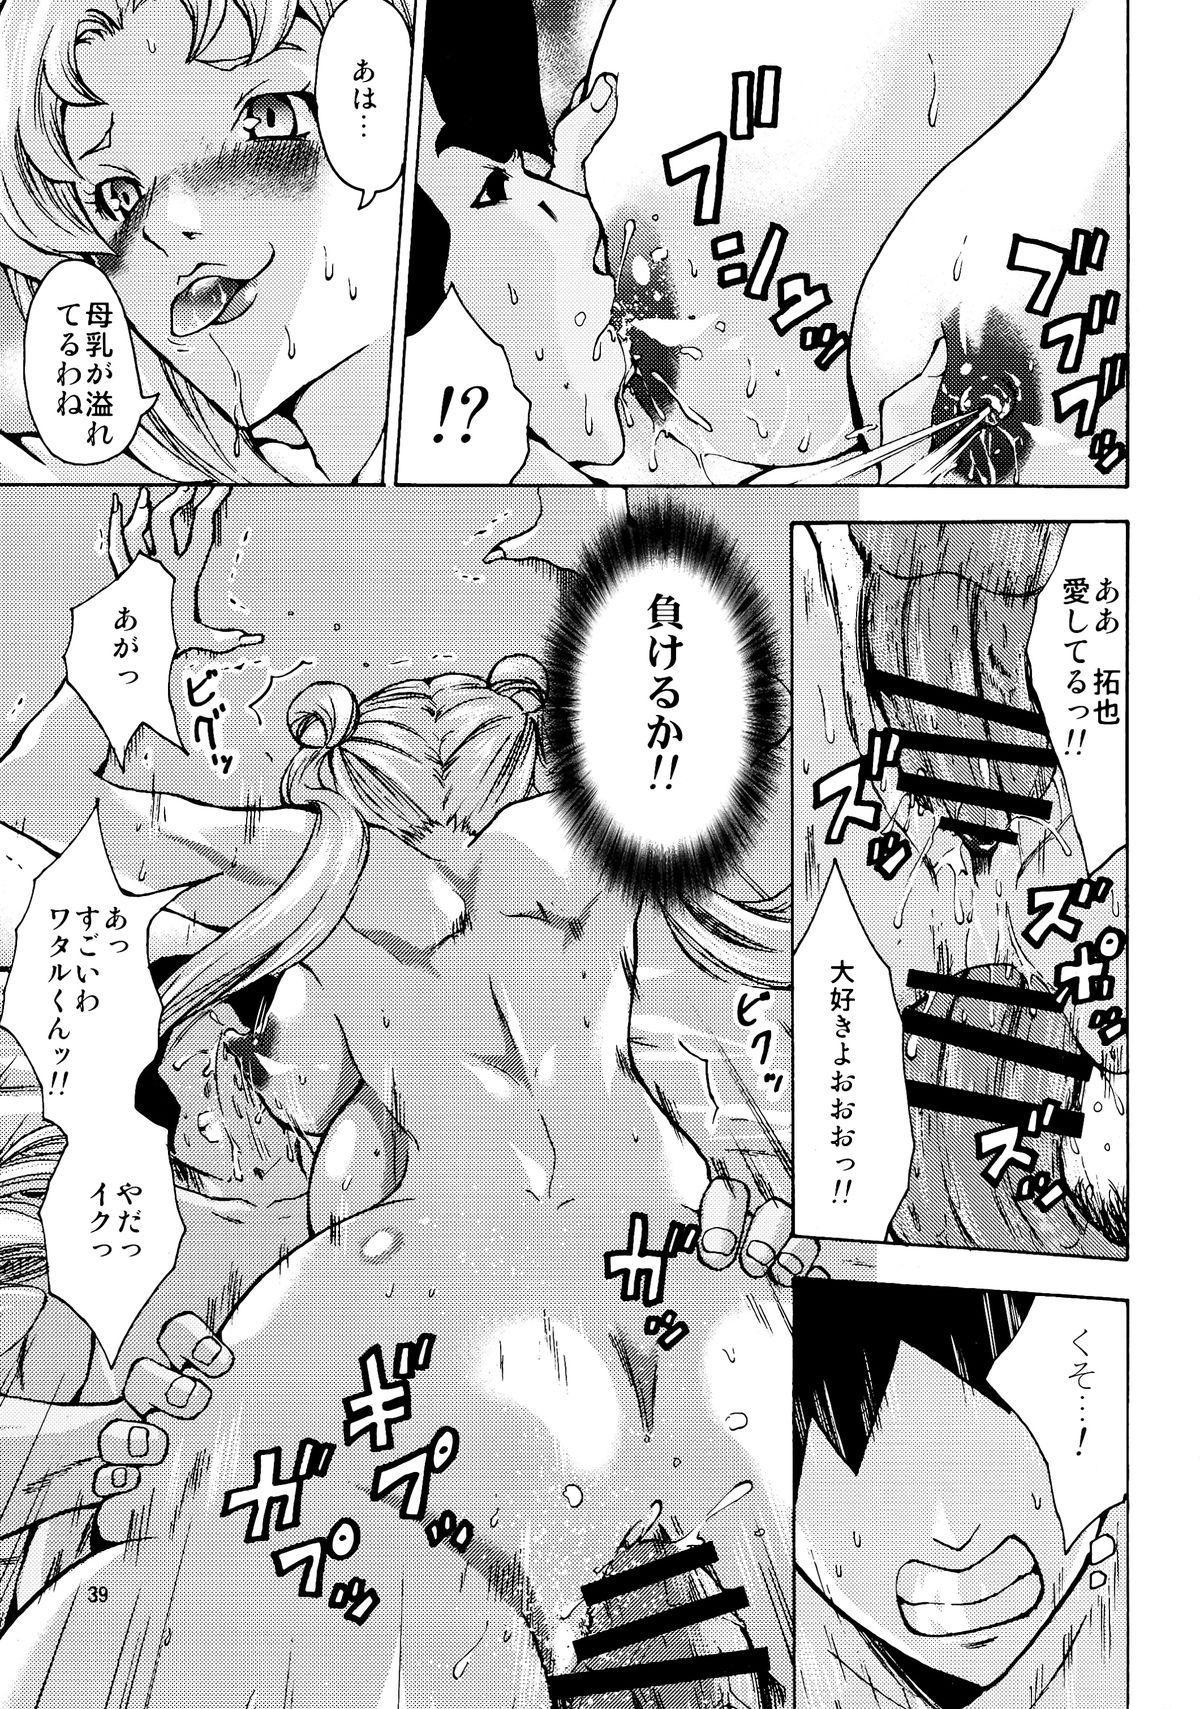 Ninpu Joou Usagi Crystal 38